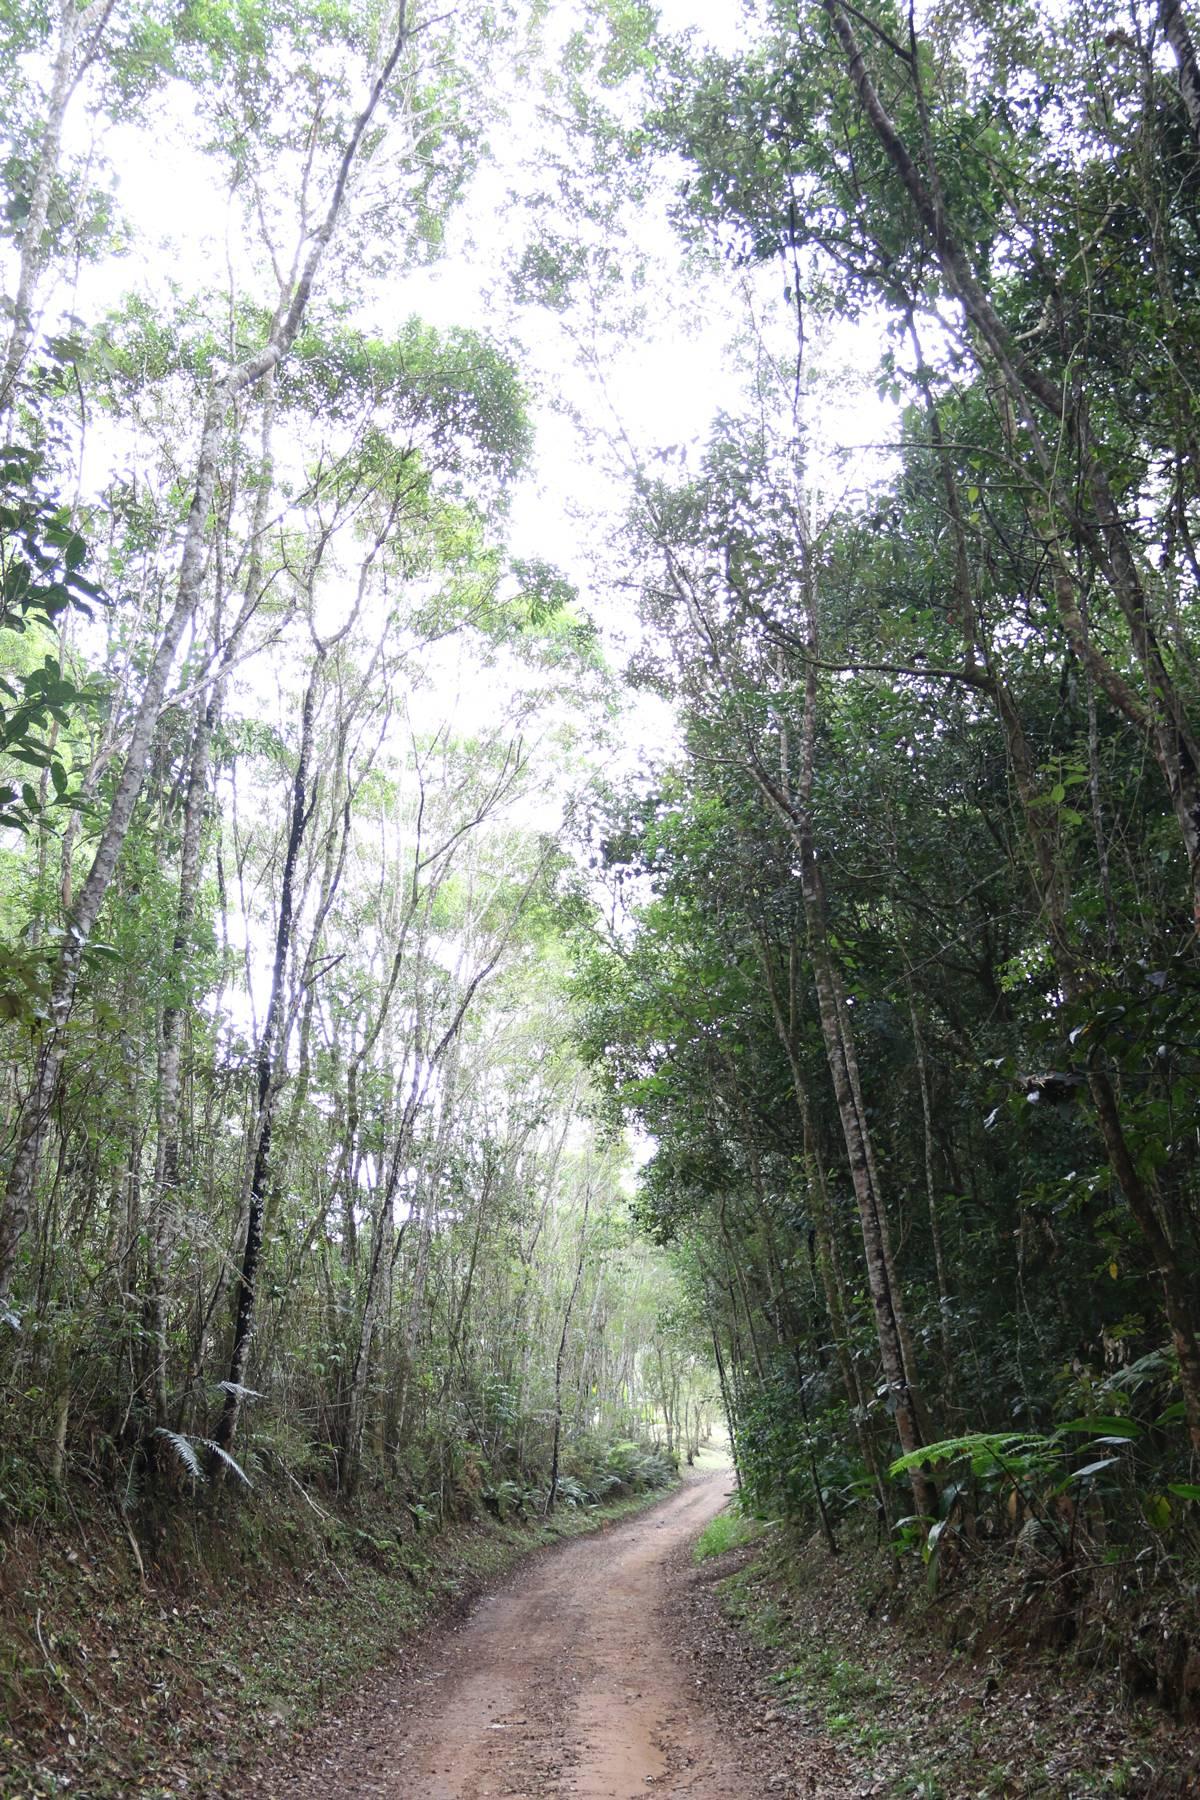 Hotel oferece 35 km de trilhas em meio à mata onde é possível conhecer quatro cachoeiras | Eliane Quinalia